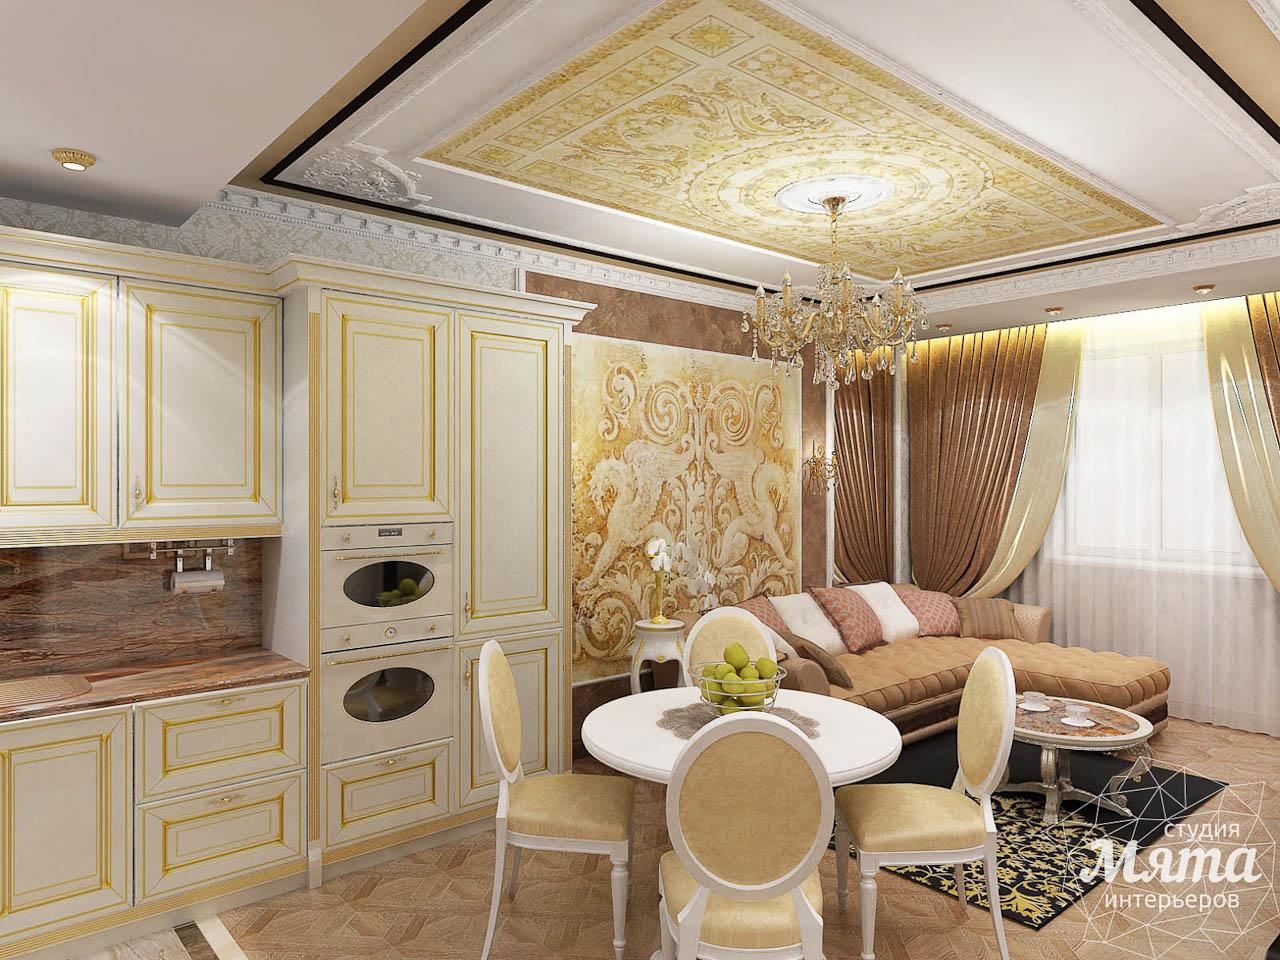 Дизайн интерьера двухкомнатной квартиры по ул. Мельникова 38 img173038182